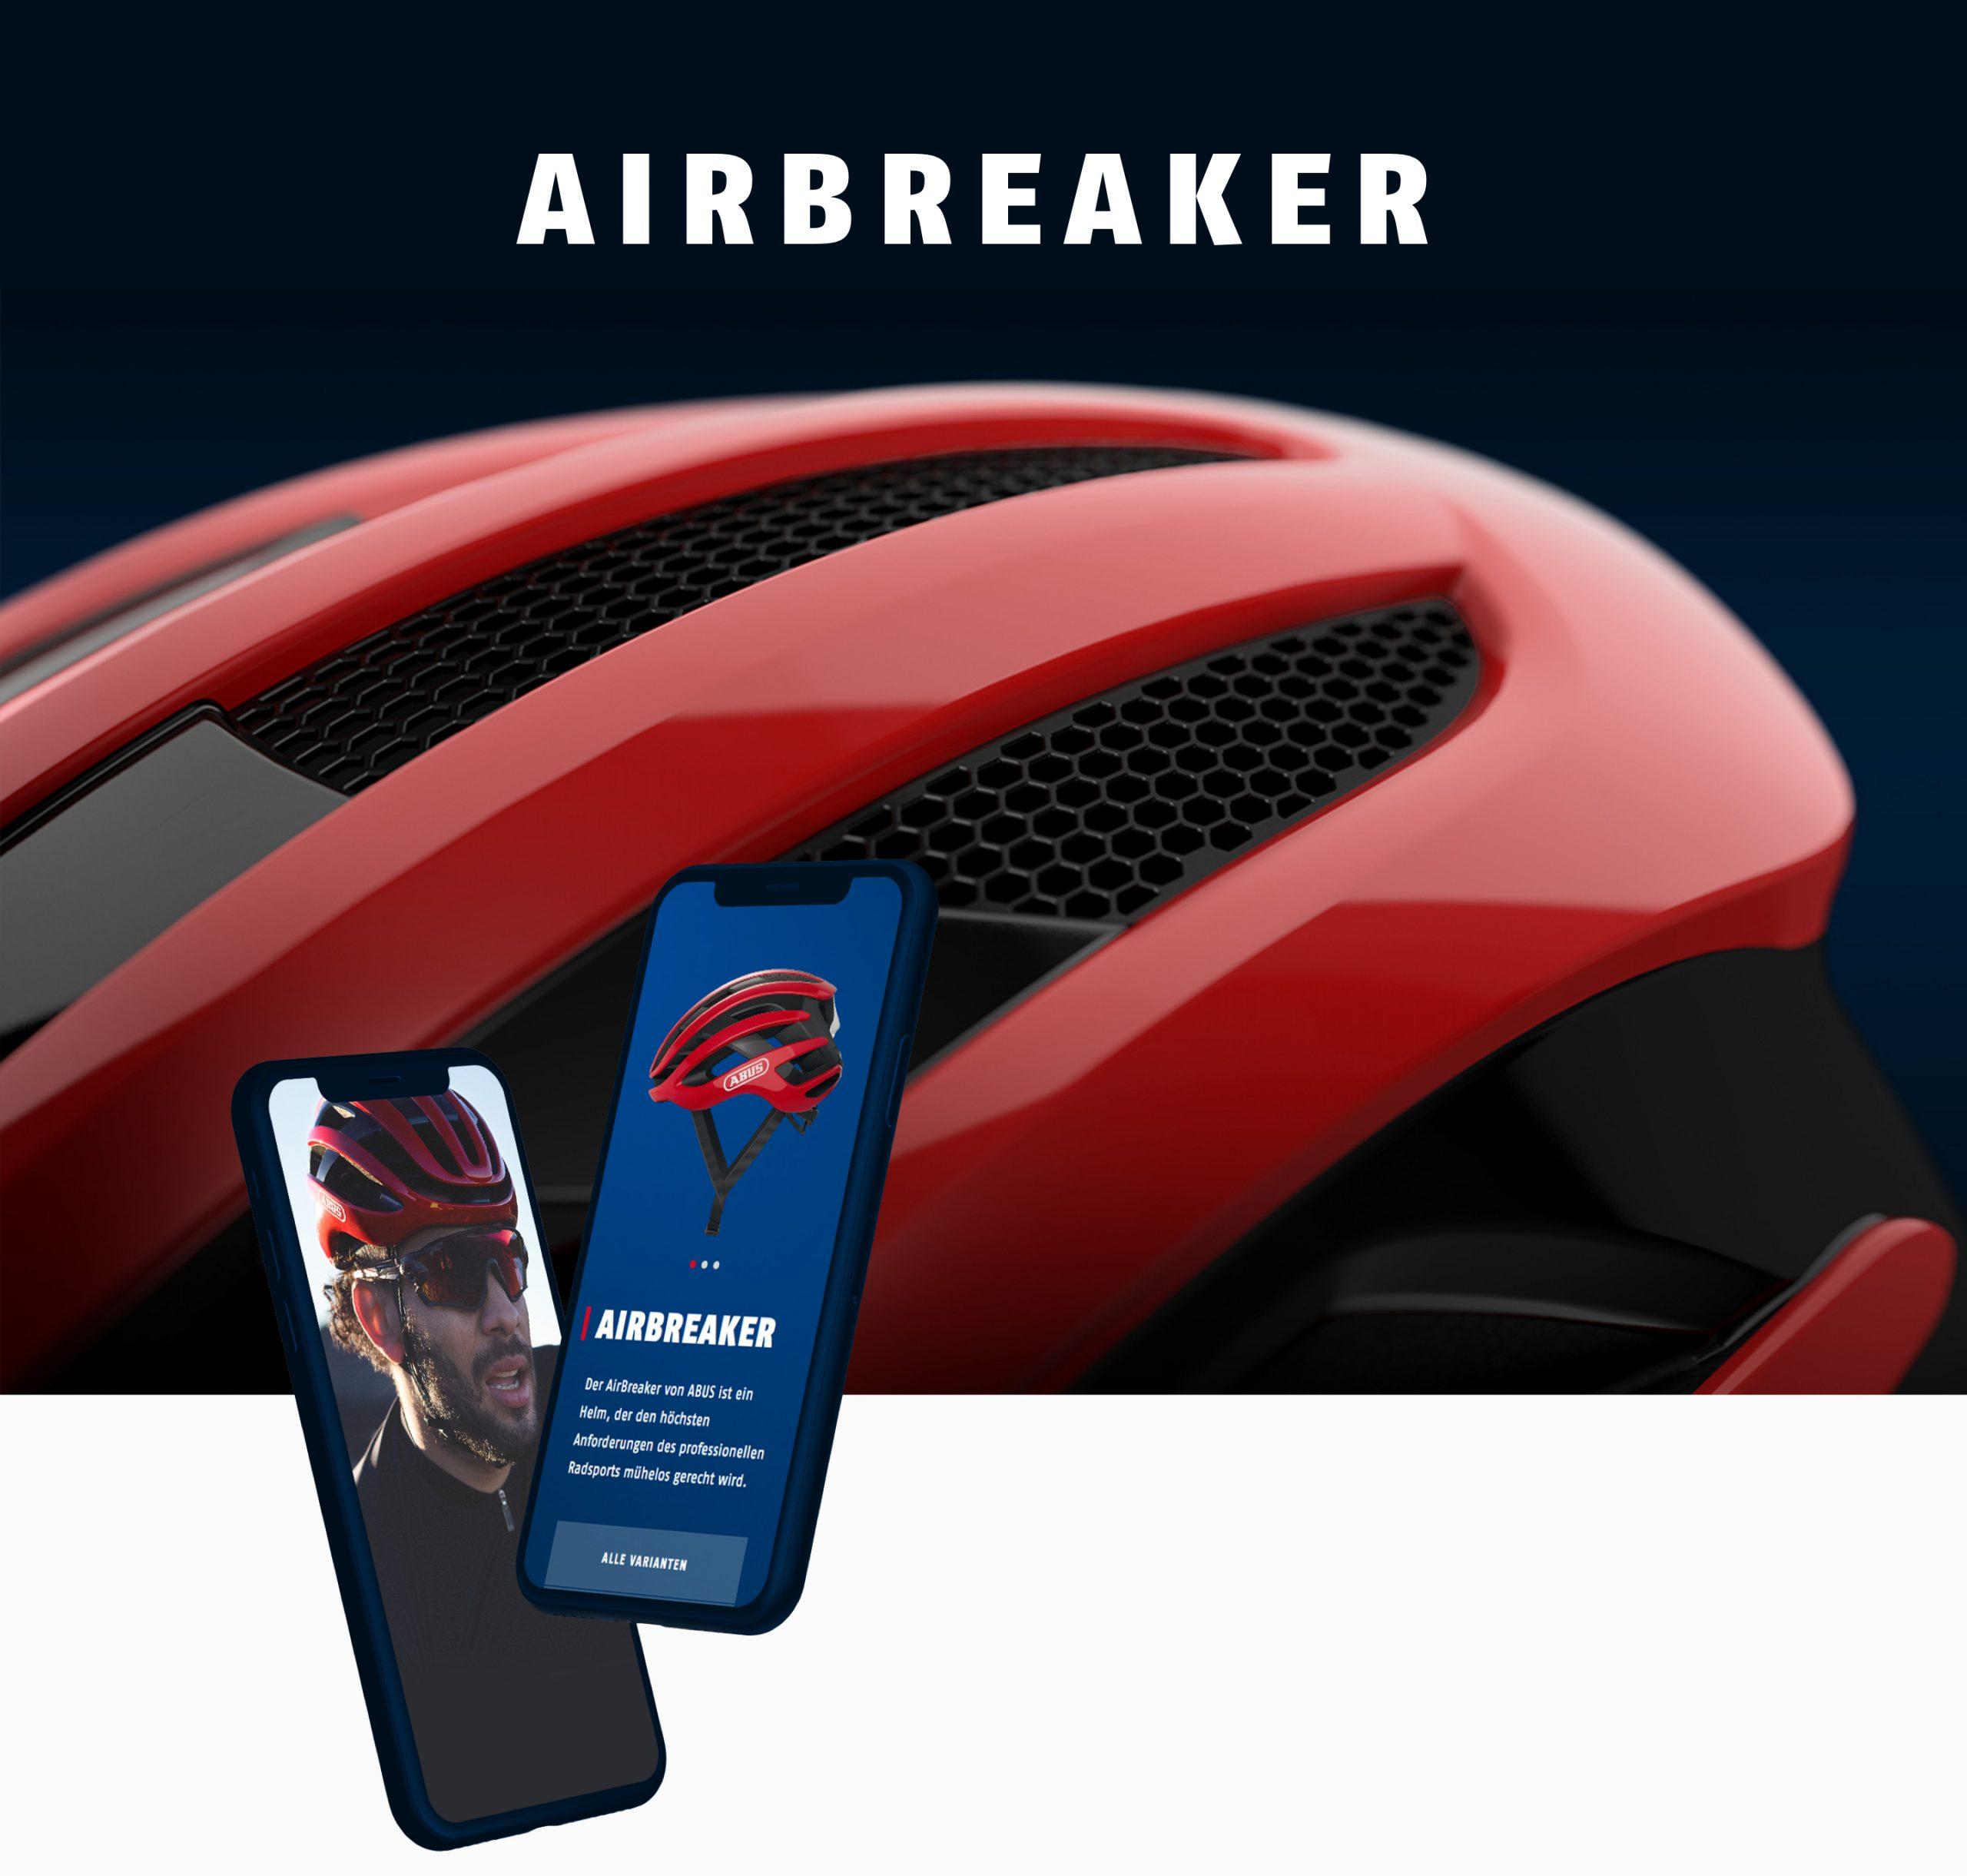 pascher-heinz-abus-airbreaker-visual-01